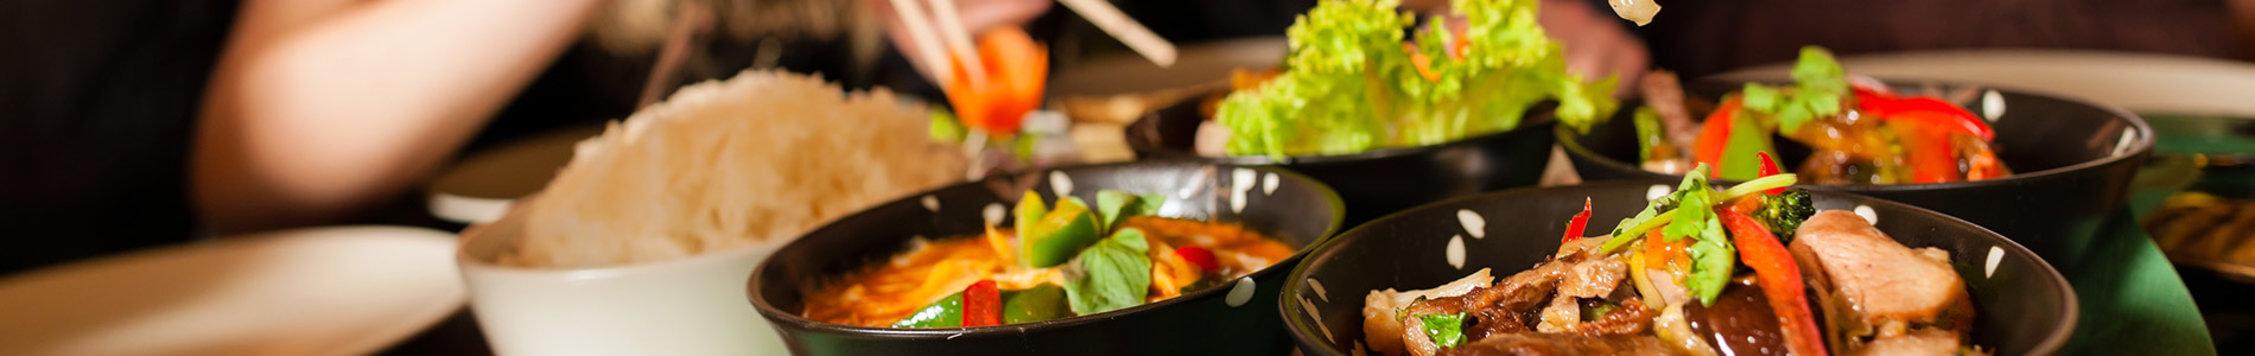 Heerlijk dineren in de buurt dinerbon